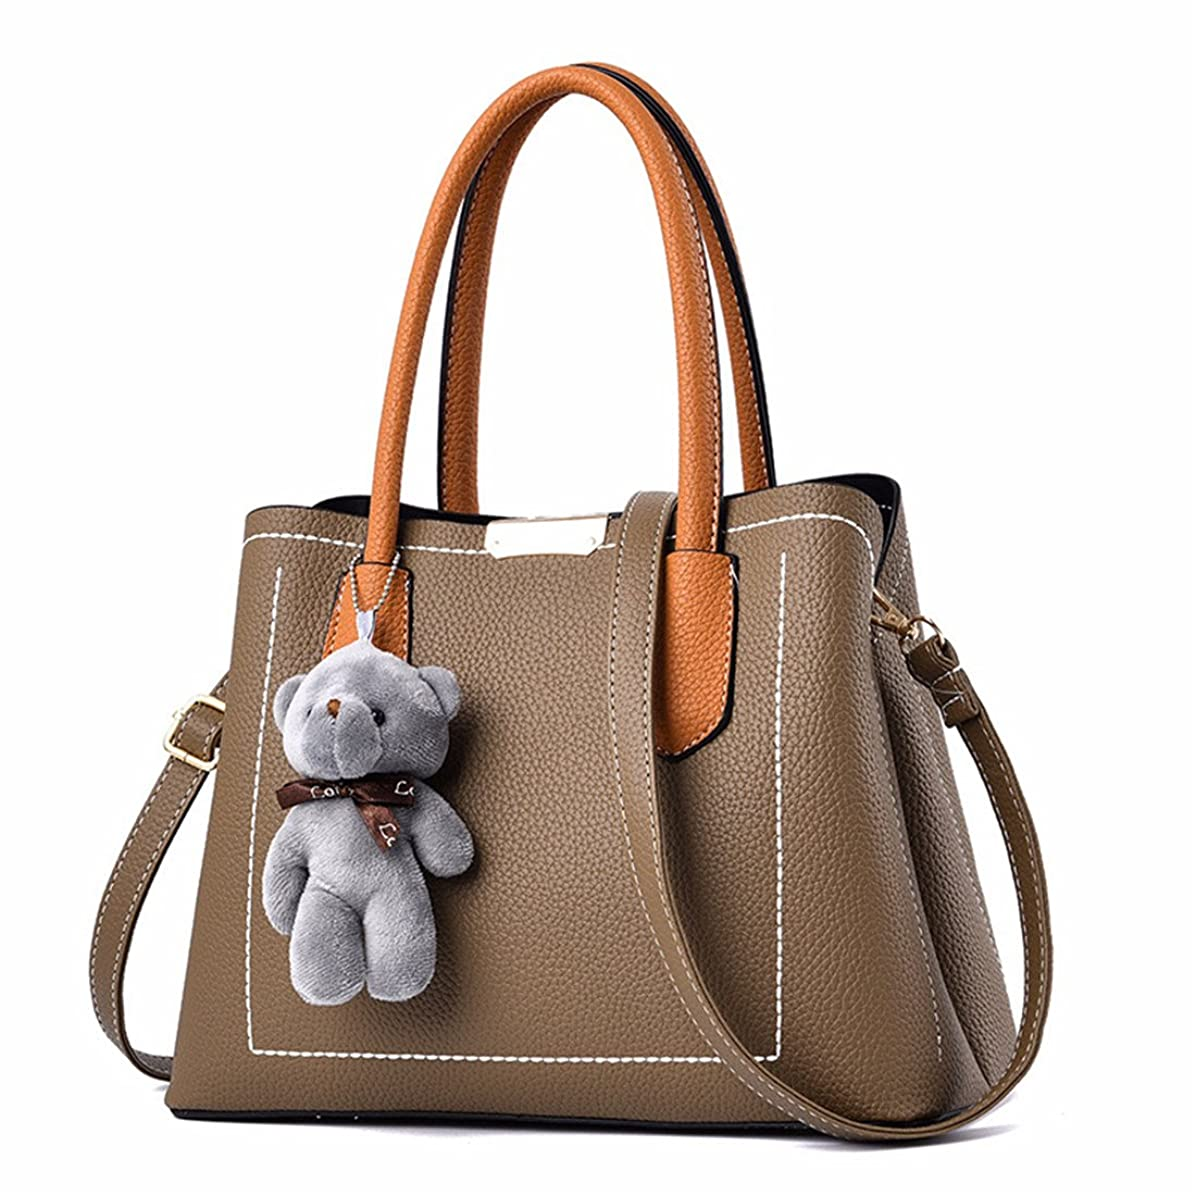 気まぐれなバインド探検DUNLAND 女性のための女性のバッグのハンドバッグのハンドバッグレジャー スペル色ケットメッセンジャーバッグレディース